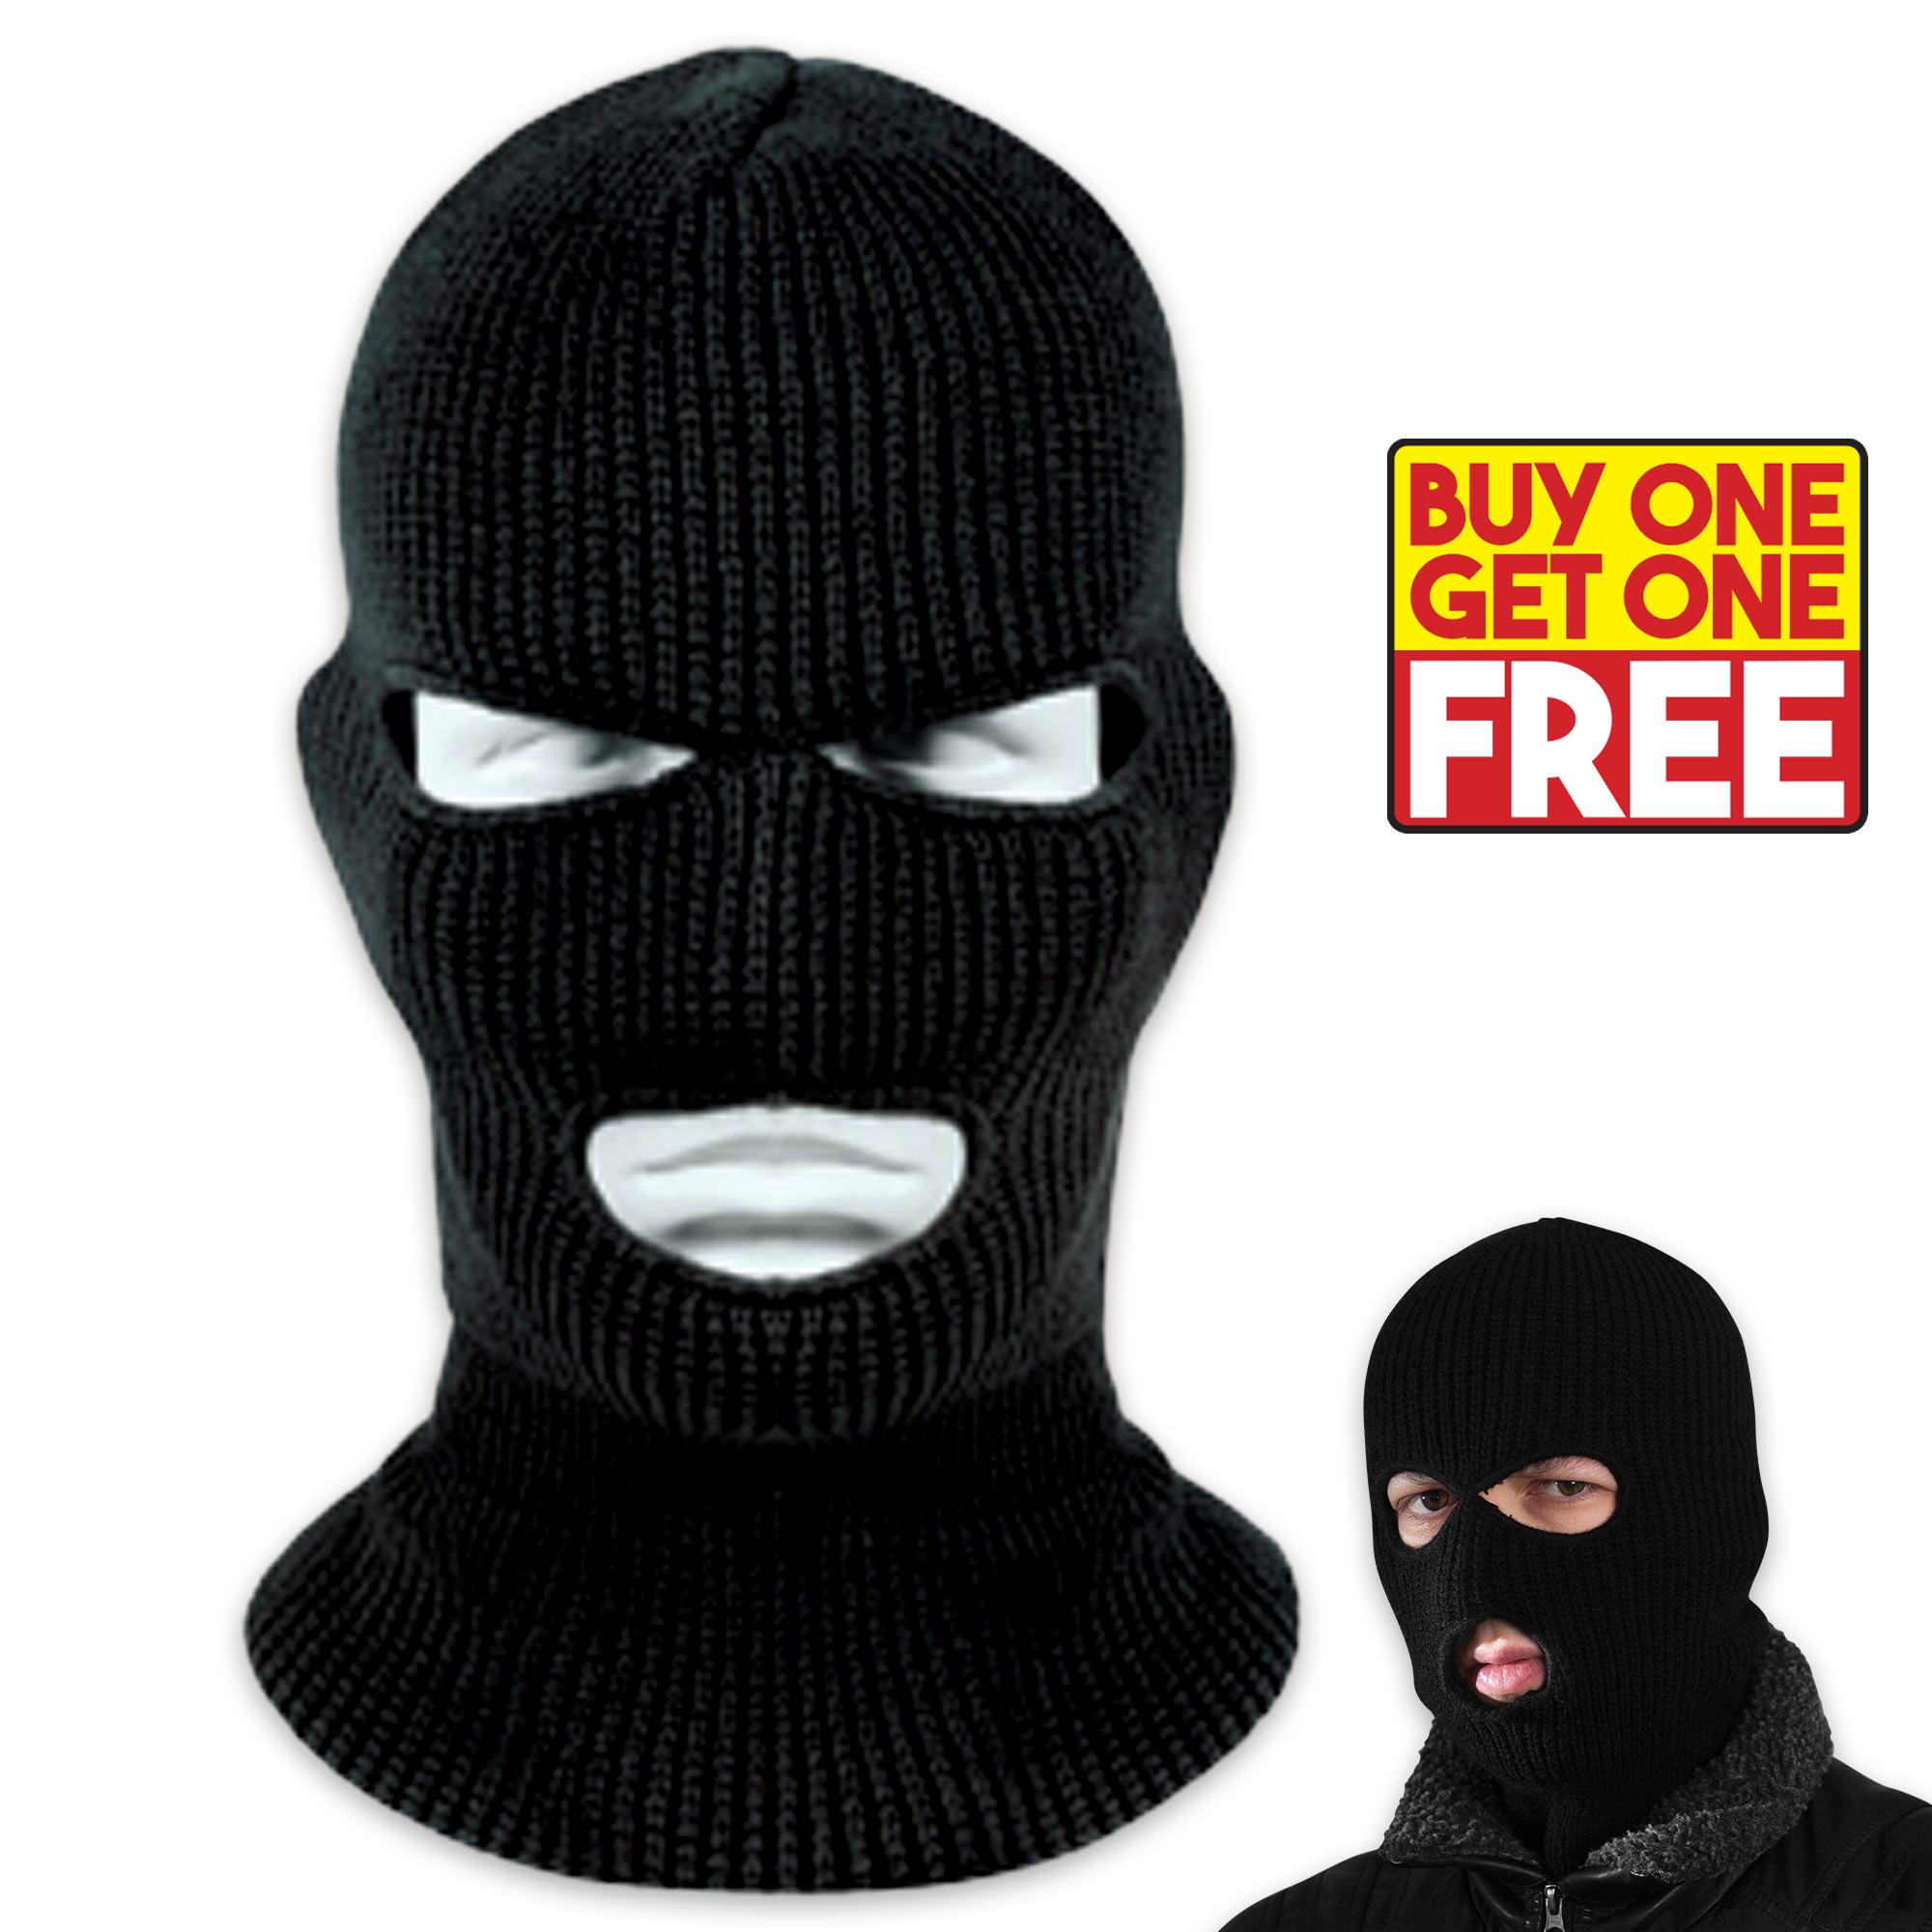 Knit Acrylic Ski Mask   3-Hole Facemask - Black - BOGO  0924596601a5